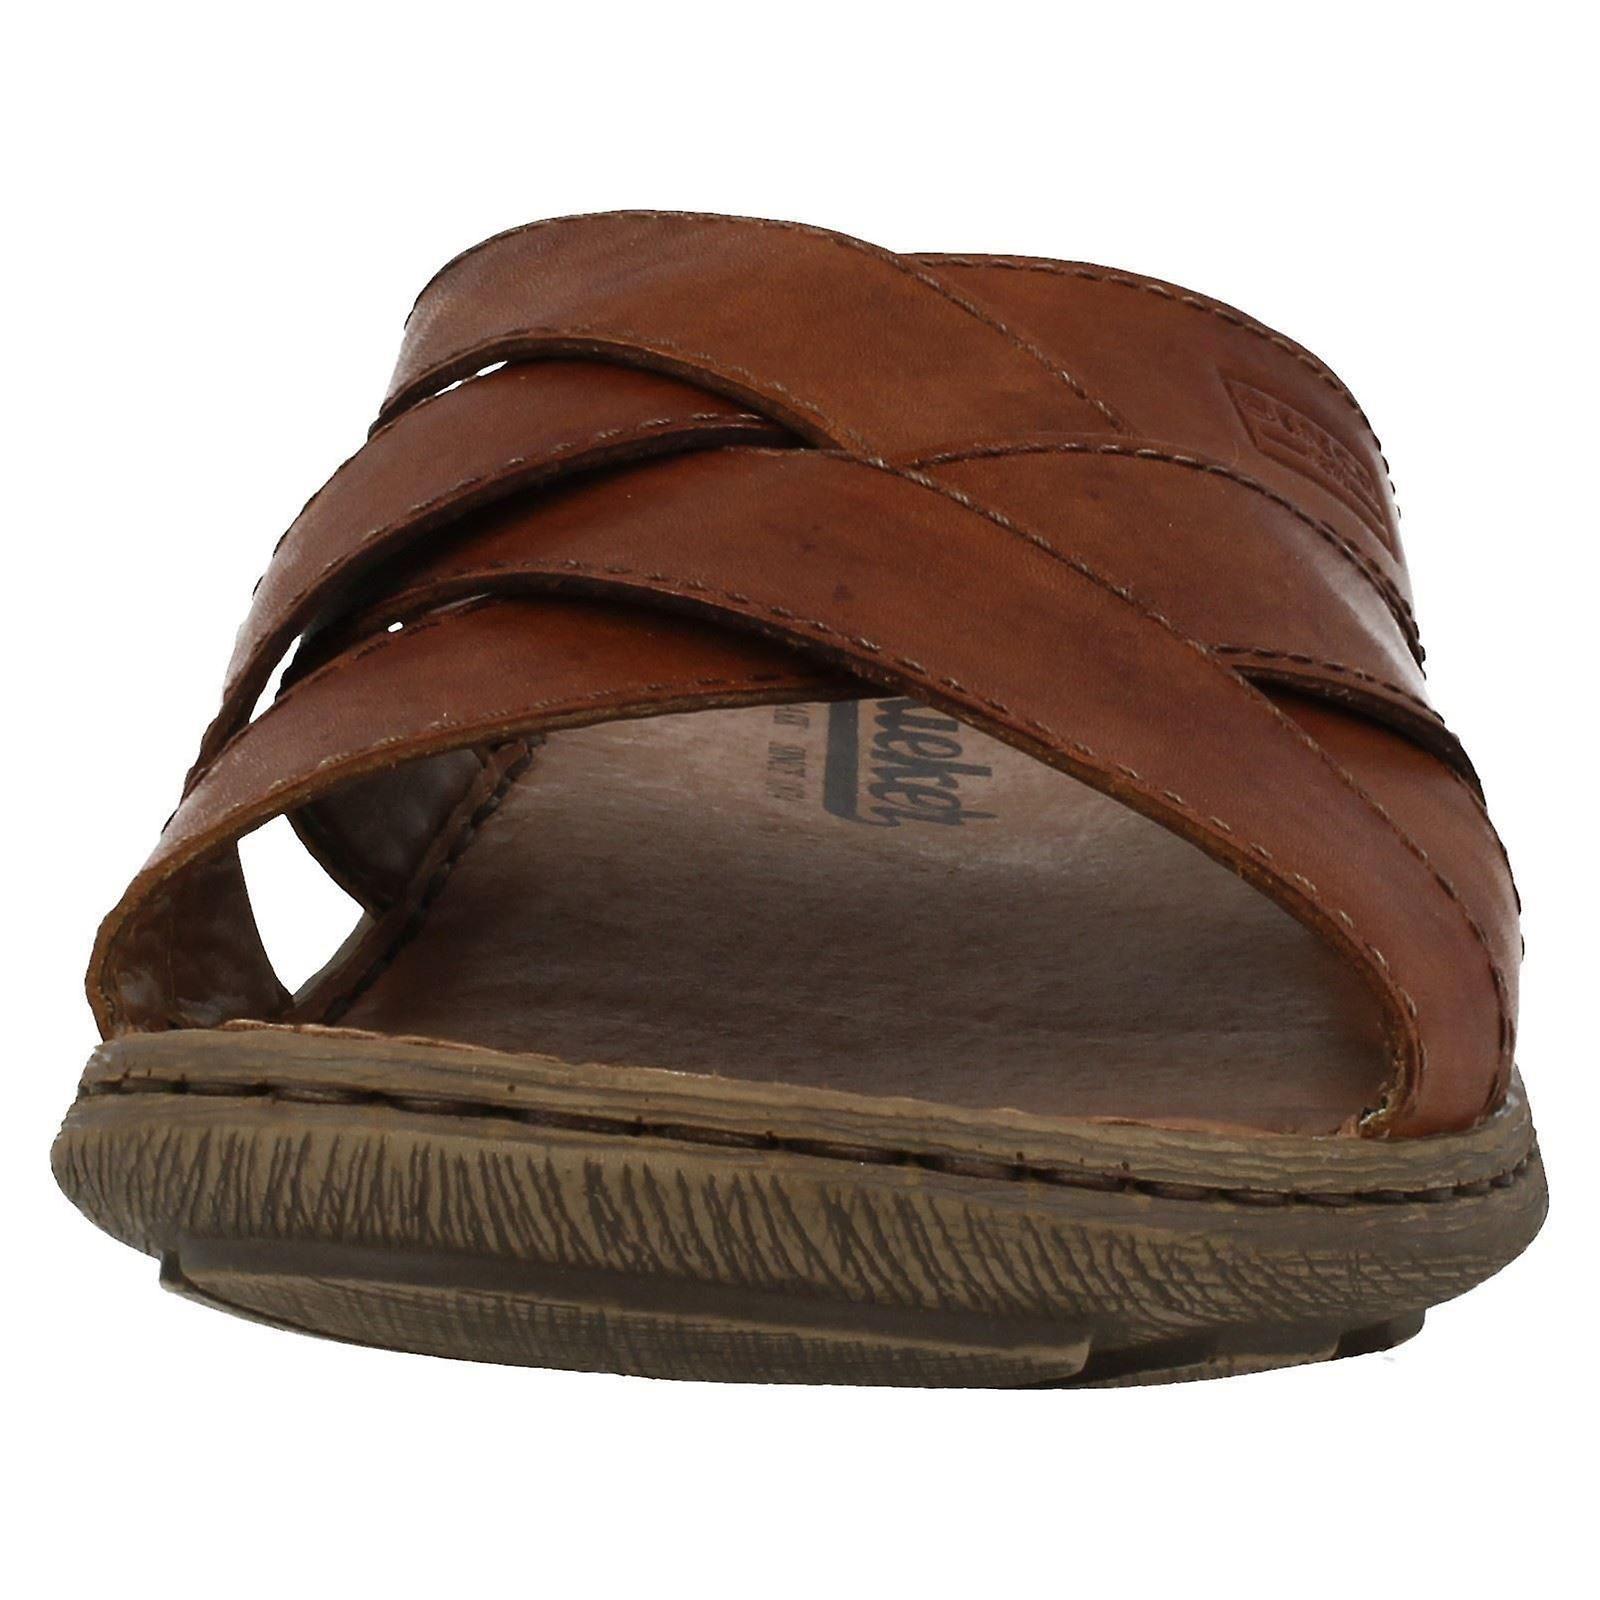 Rieker Mens Slip On Summer Sandals 22098 Herren Sandalen